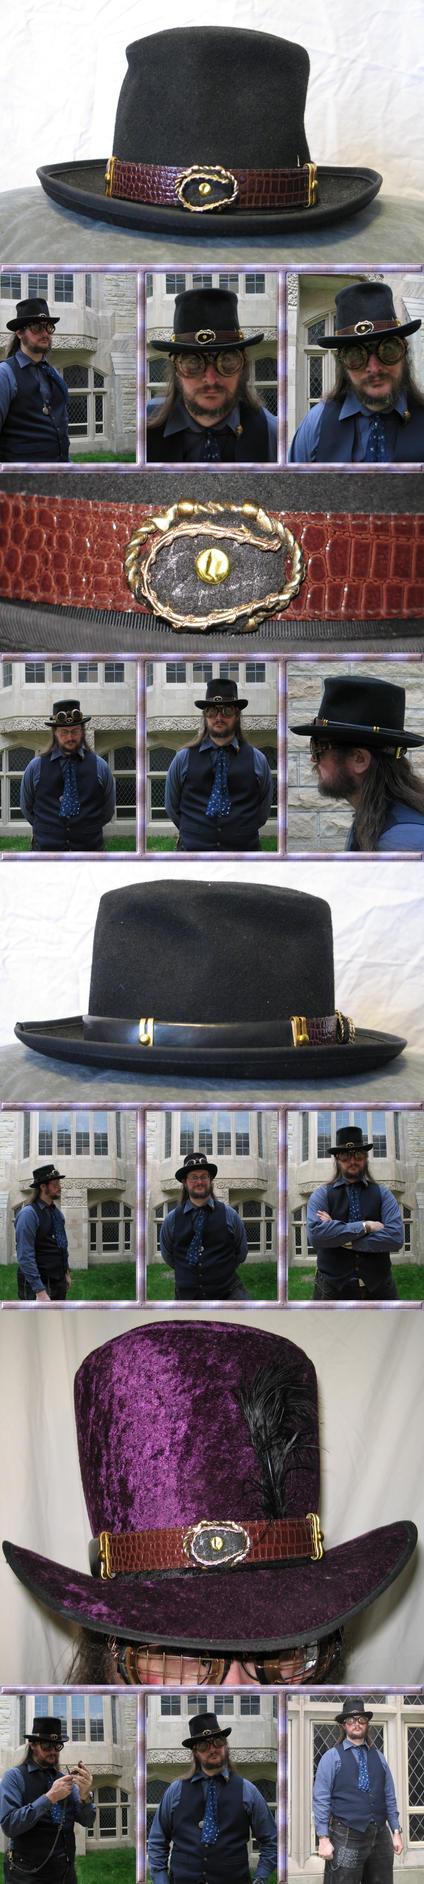 Leather Horseshoe Hatband by Windthin